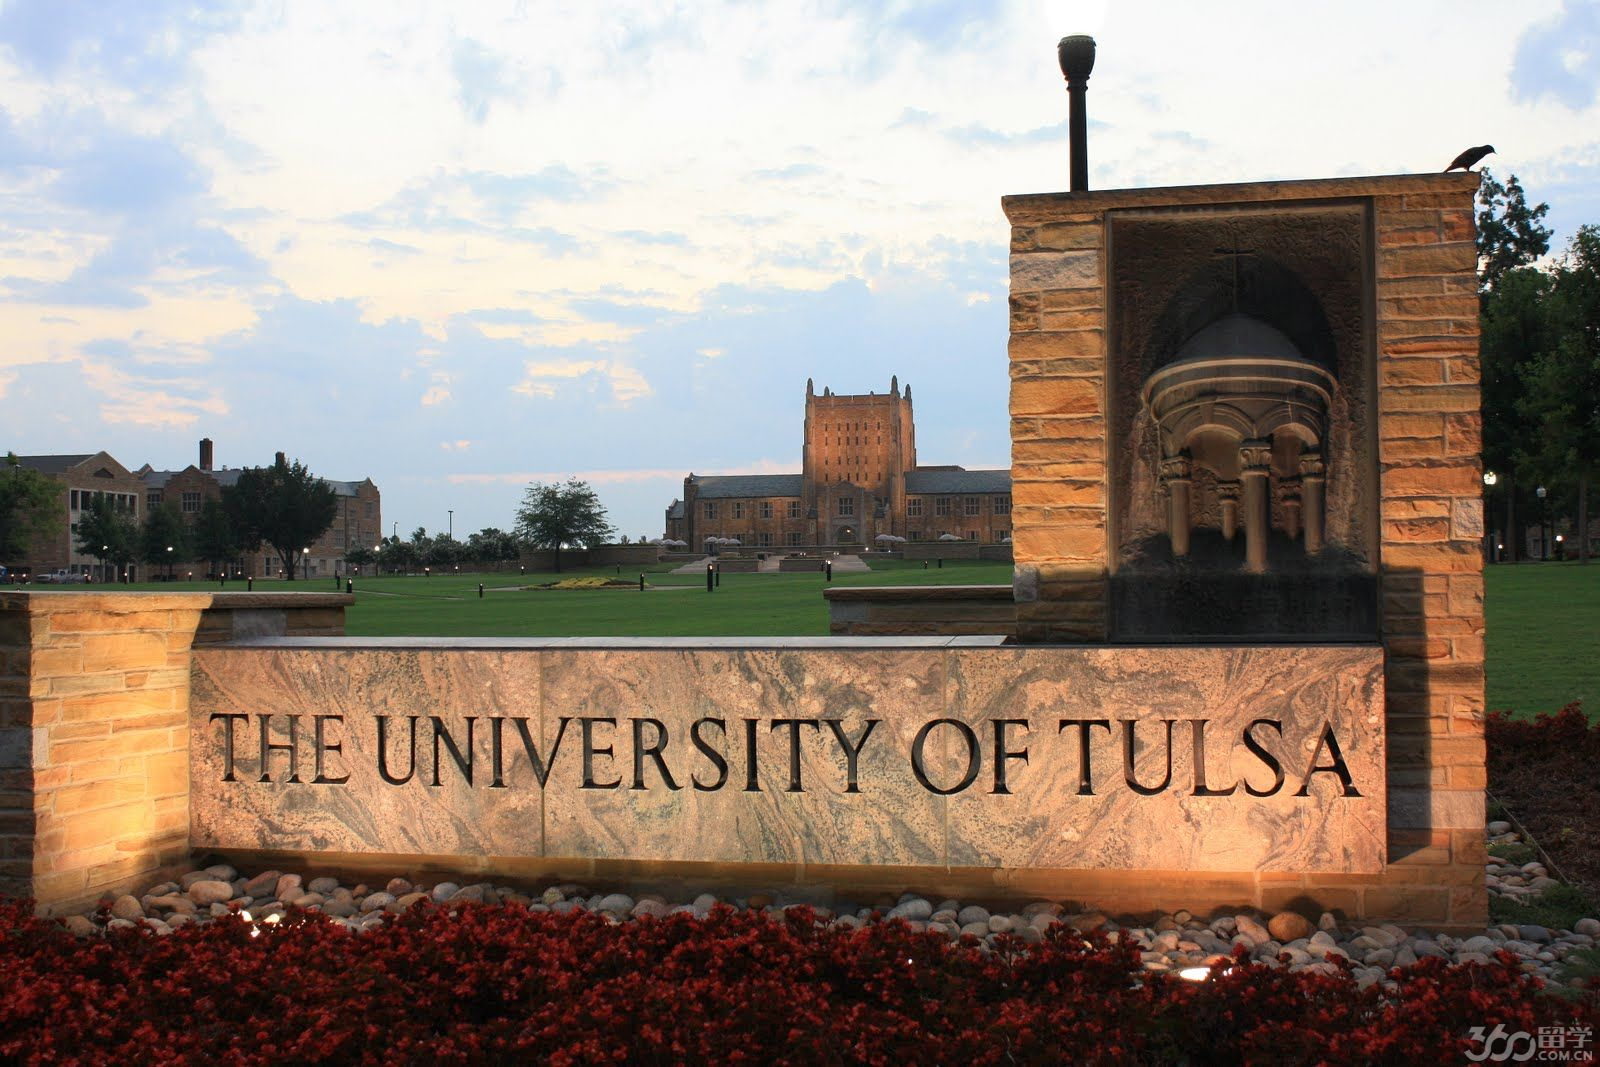 塔尔萨大学(University of Tulsa,简称TU)成立于1894年,学校坐落于美国俄克拉何马州的拥有世界油都之称的塔尔萨市。美国最权威的USNEWS排名给予塔尔萨大学2015年全美最佳综合大学第88名的评价,其中石油工程专业全美排名第4,法学院被评为全美最佳法学院第86名,Collins商学院被评为2015全美最佳研究生商学院第83名,Bloomberg Businessweek评为全美商学院top55。塔尔萨大学以小班教学而闻名,大学总人数为4326人(本科为 3160)